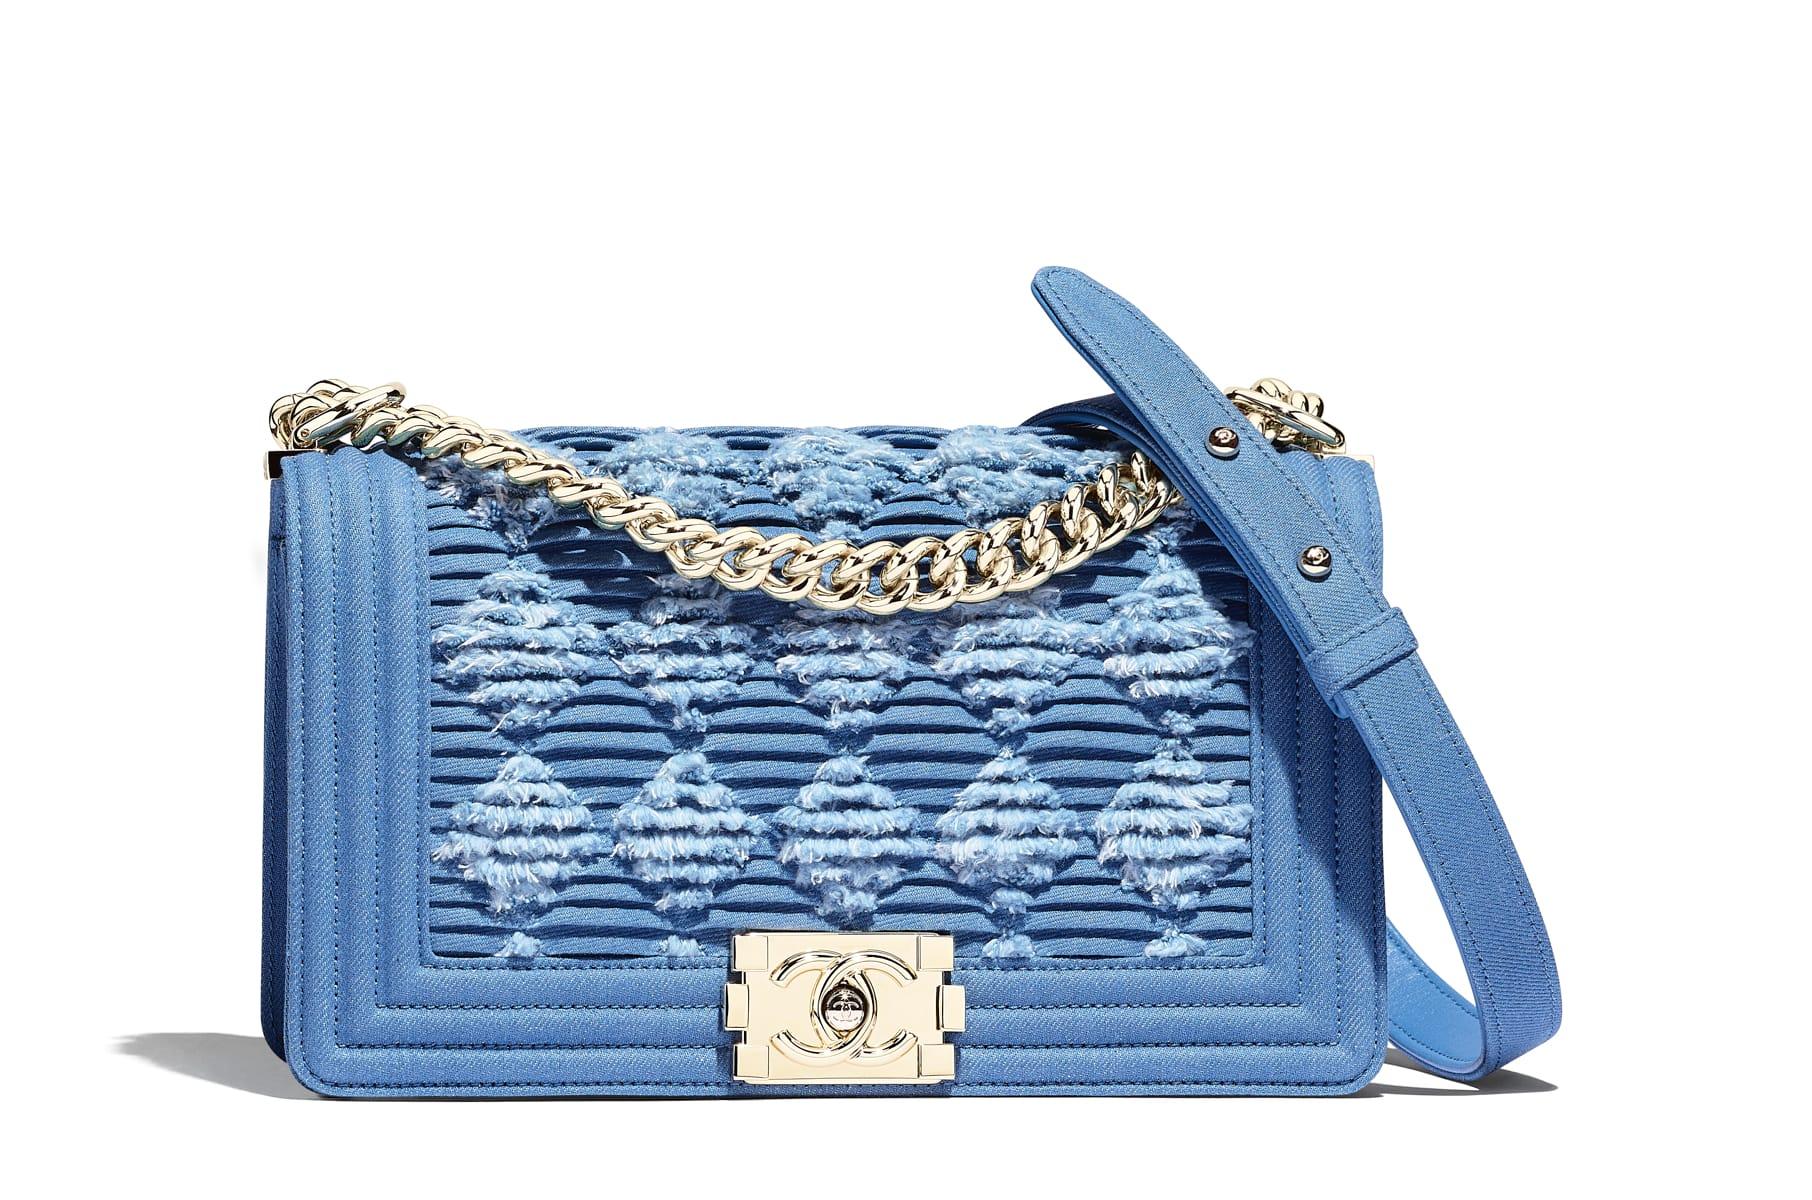 9b41db2aff4f BOY CHANEL - Handbags - CHANEL